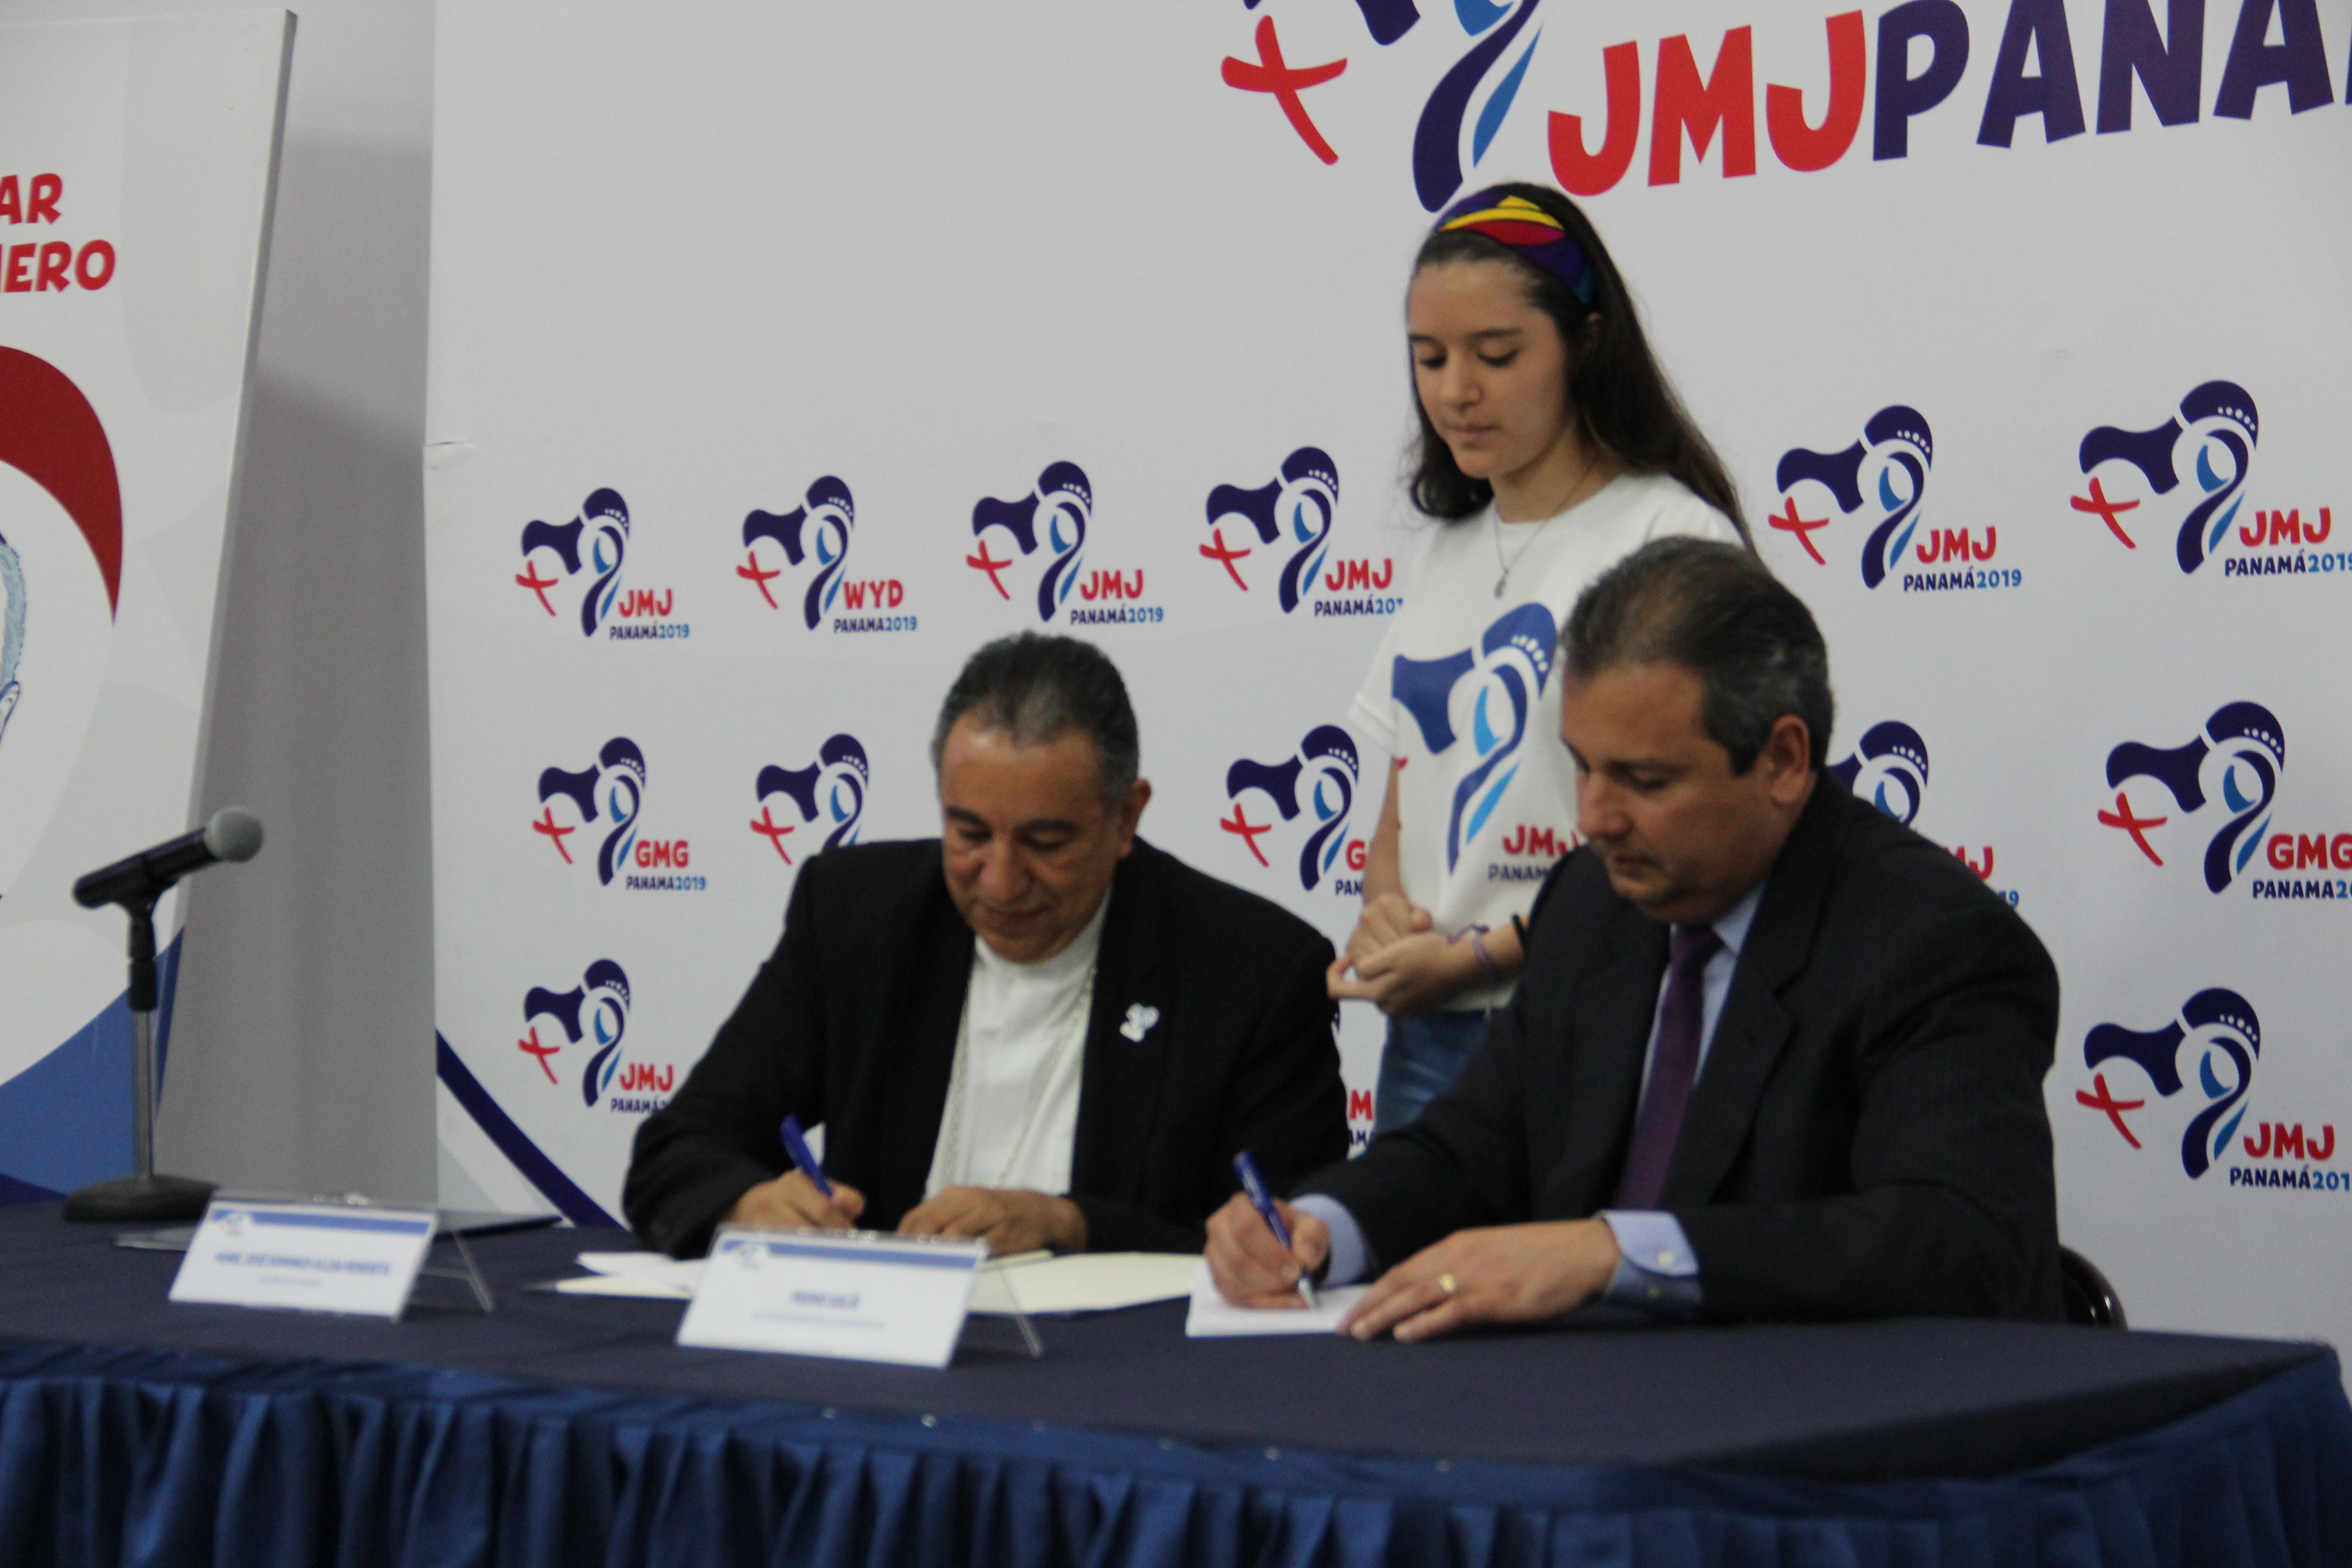 Cadena radial para la JMJ 2019 con apoyo de la APR